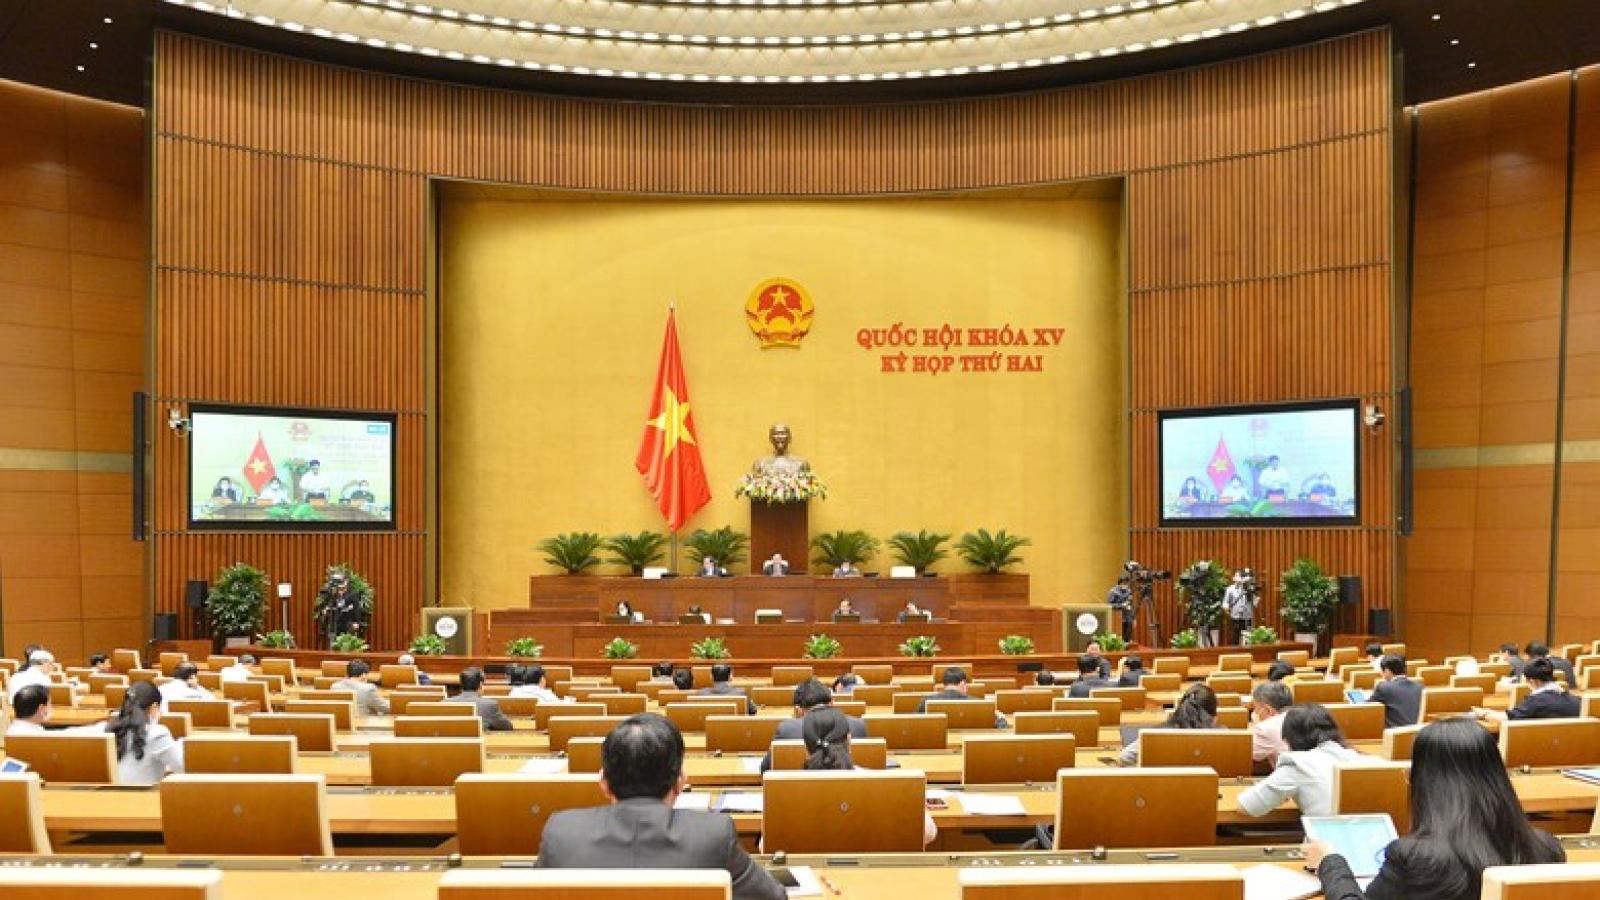 Dự kiến chọn 4 Bộ trưởngtrả lời chất vấn trước Quốc hội